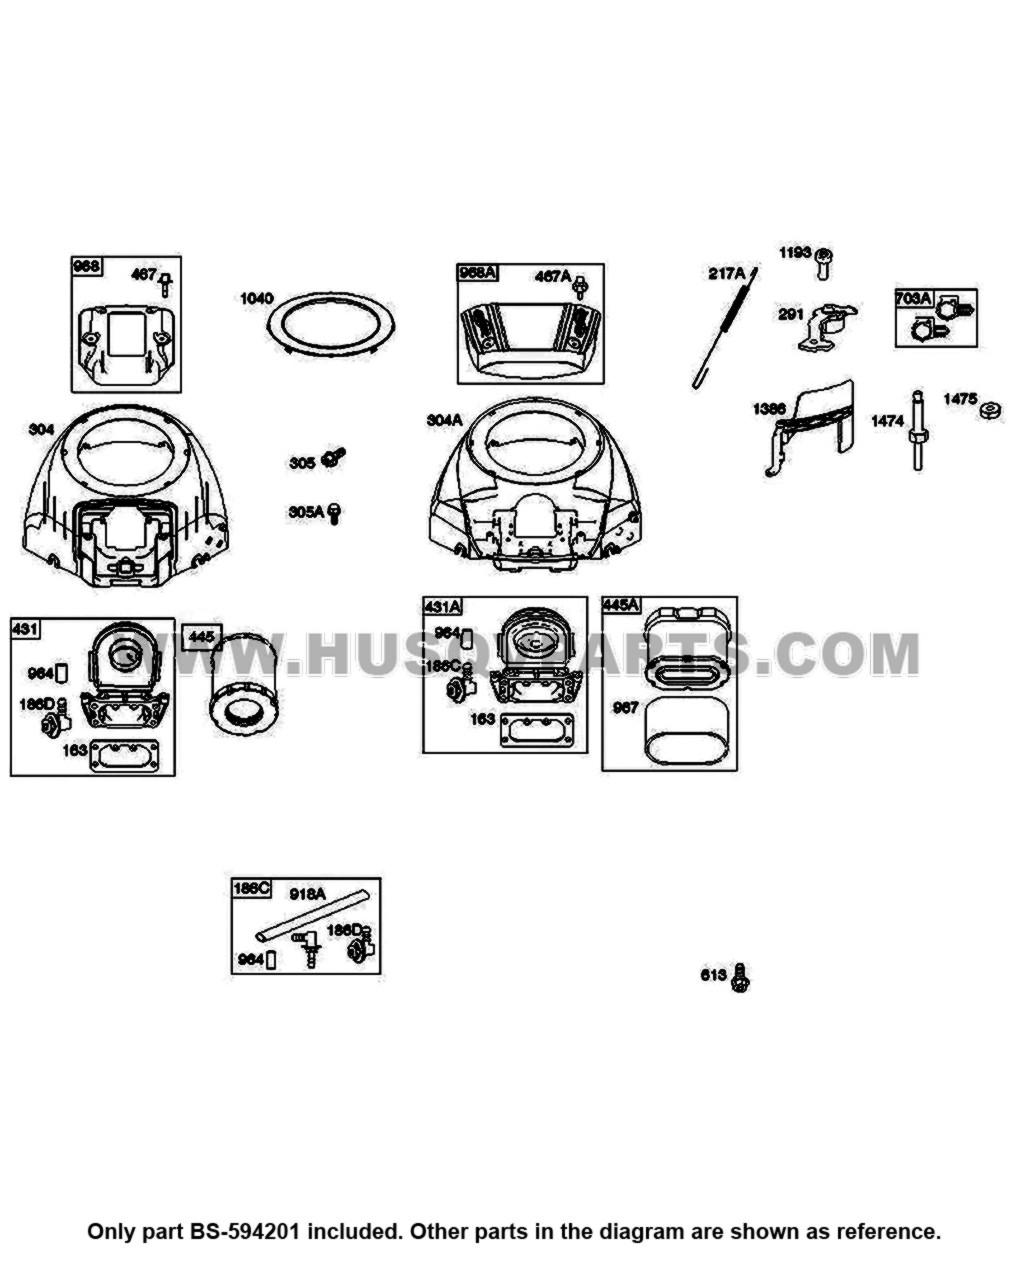 Parts Lookup Husqvarna Yth22V46 Air Filter BS 594201 Diagram